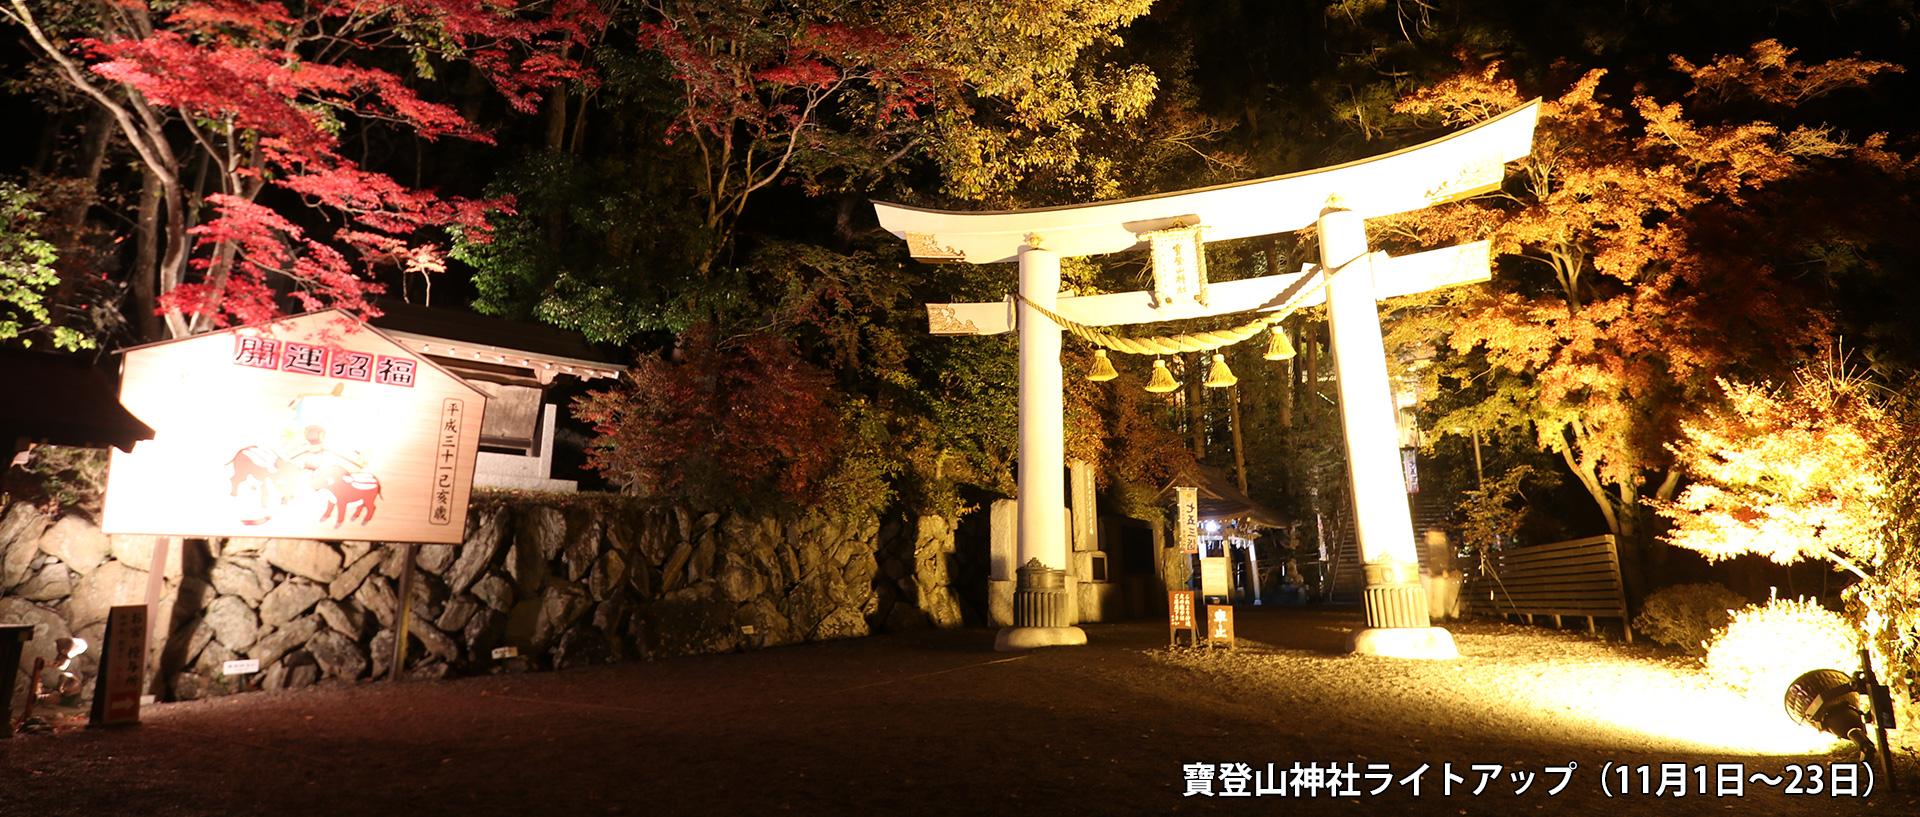 寶登山神社ライトアップ(11月1日~23日)